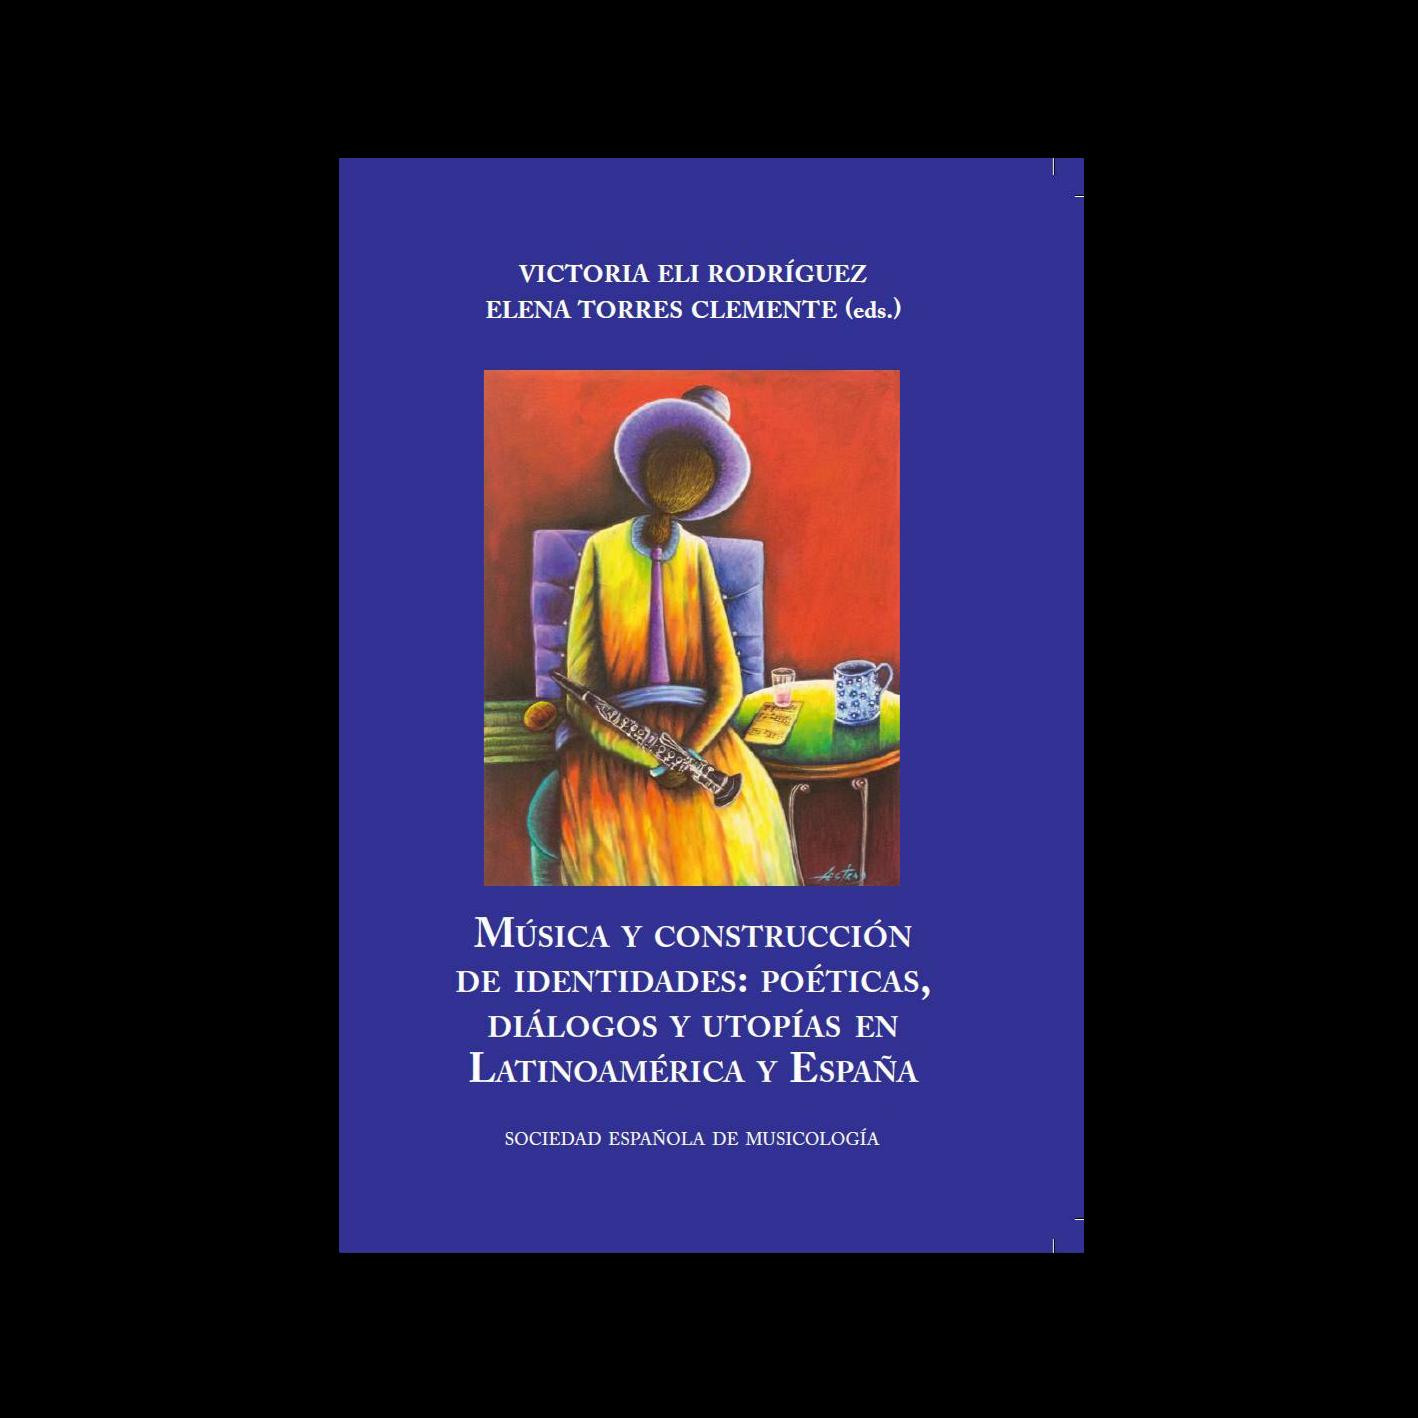 Música y construcción de identidades: poéticas, diálogos y utopías en Latinoamérica y España - Sociedad Española de Musicologia, 2018.